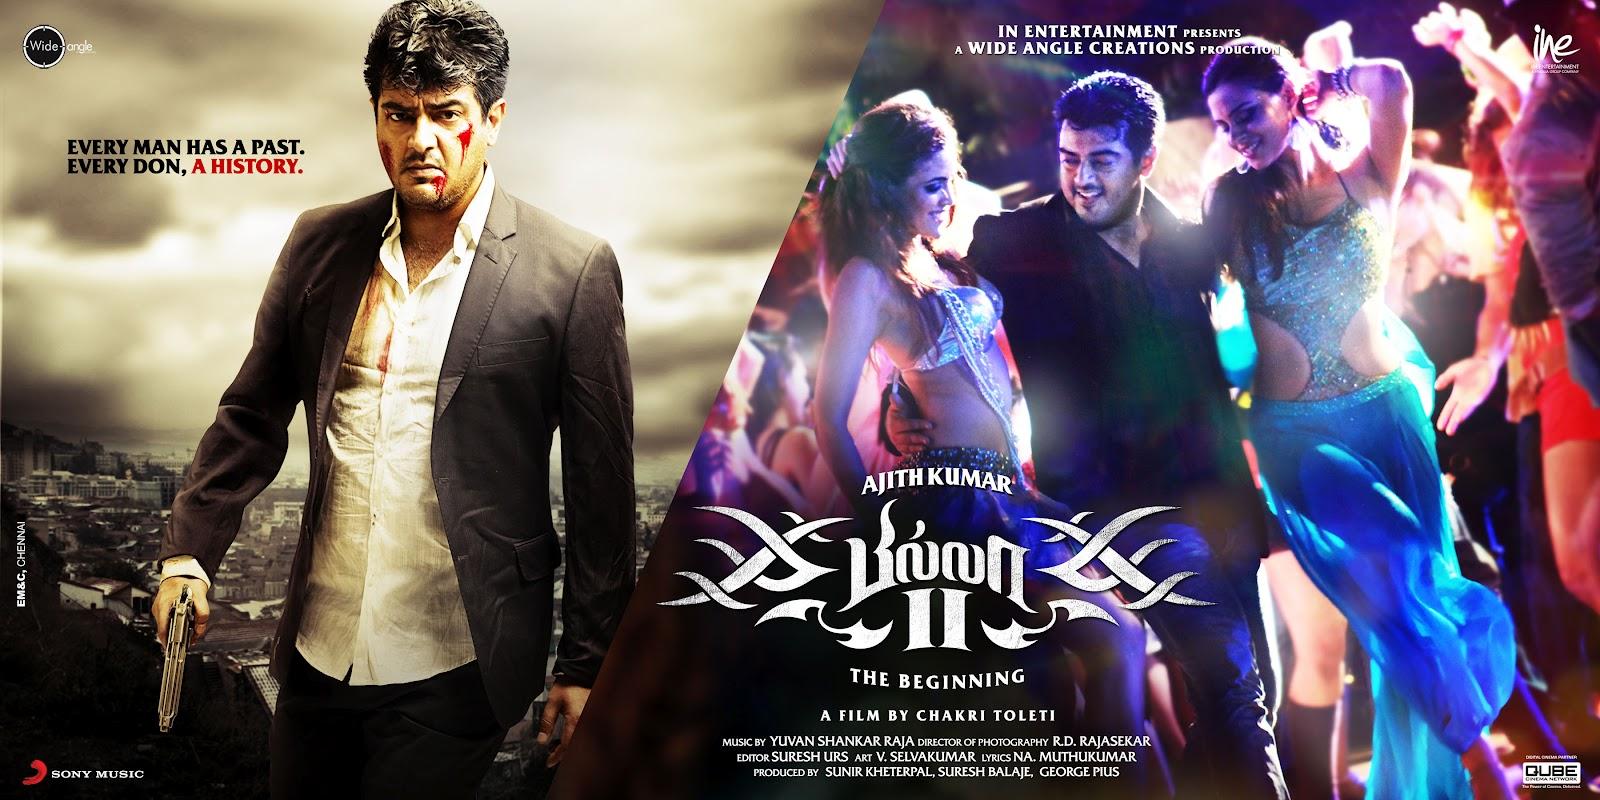 http://1.bp.blogspot.com/-womP8G-mEvw/T_2TuNGlXtI/AAAAAAAA-HY/9LyxFoaSlUw/s1600/Billa-2-Tamil-Movie-New-HQ-Wallpapers-5.jpg